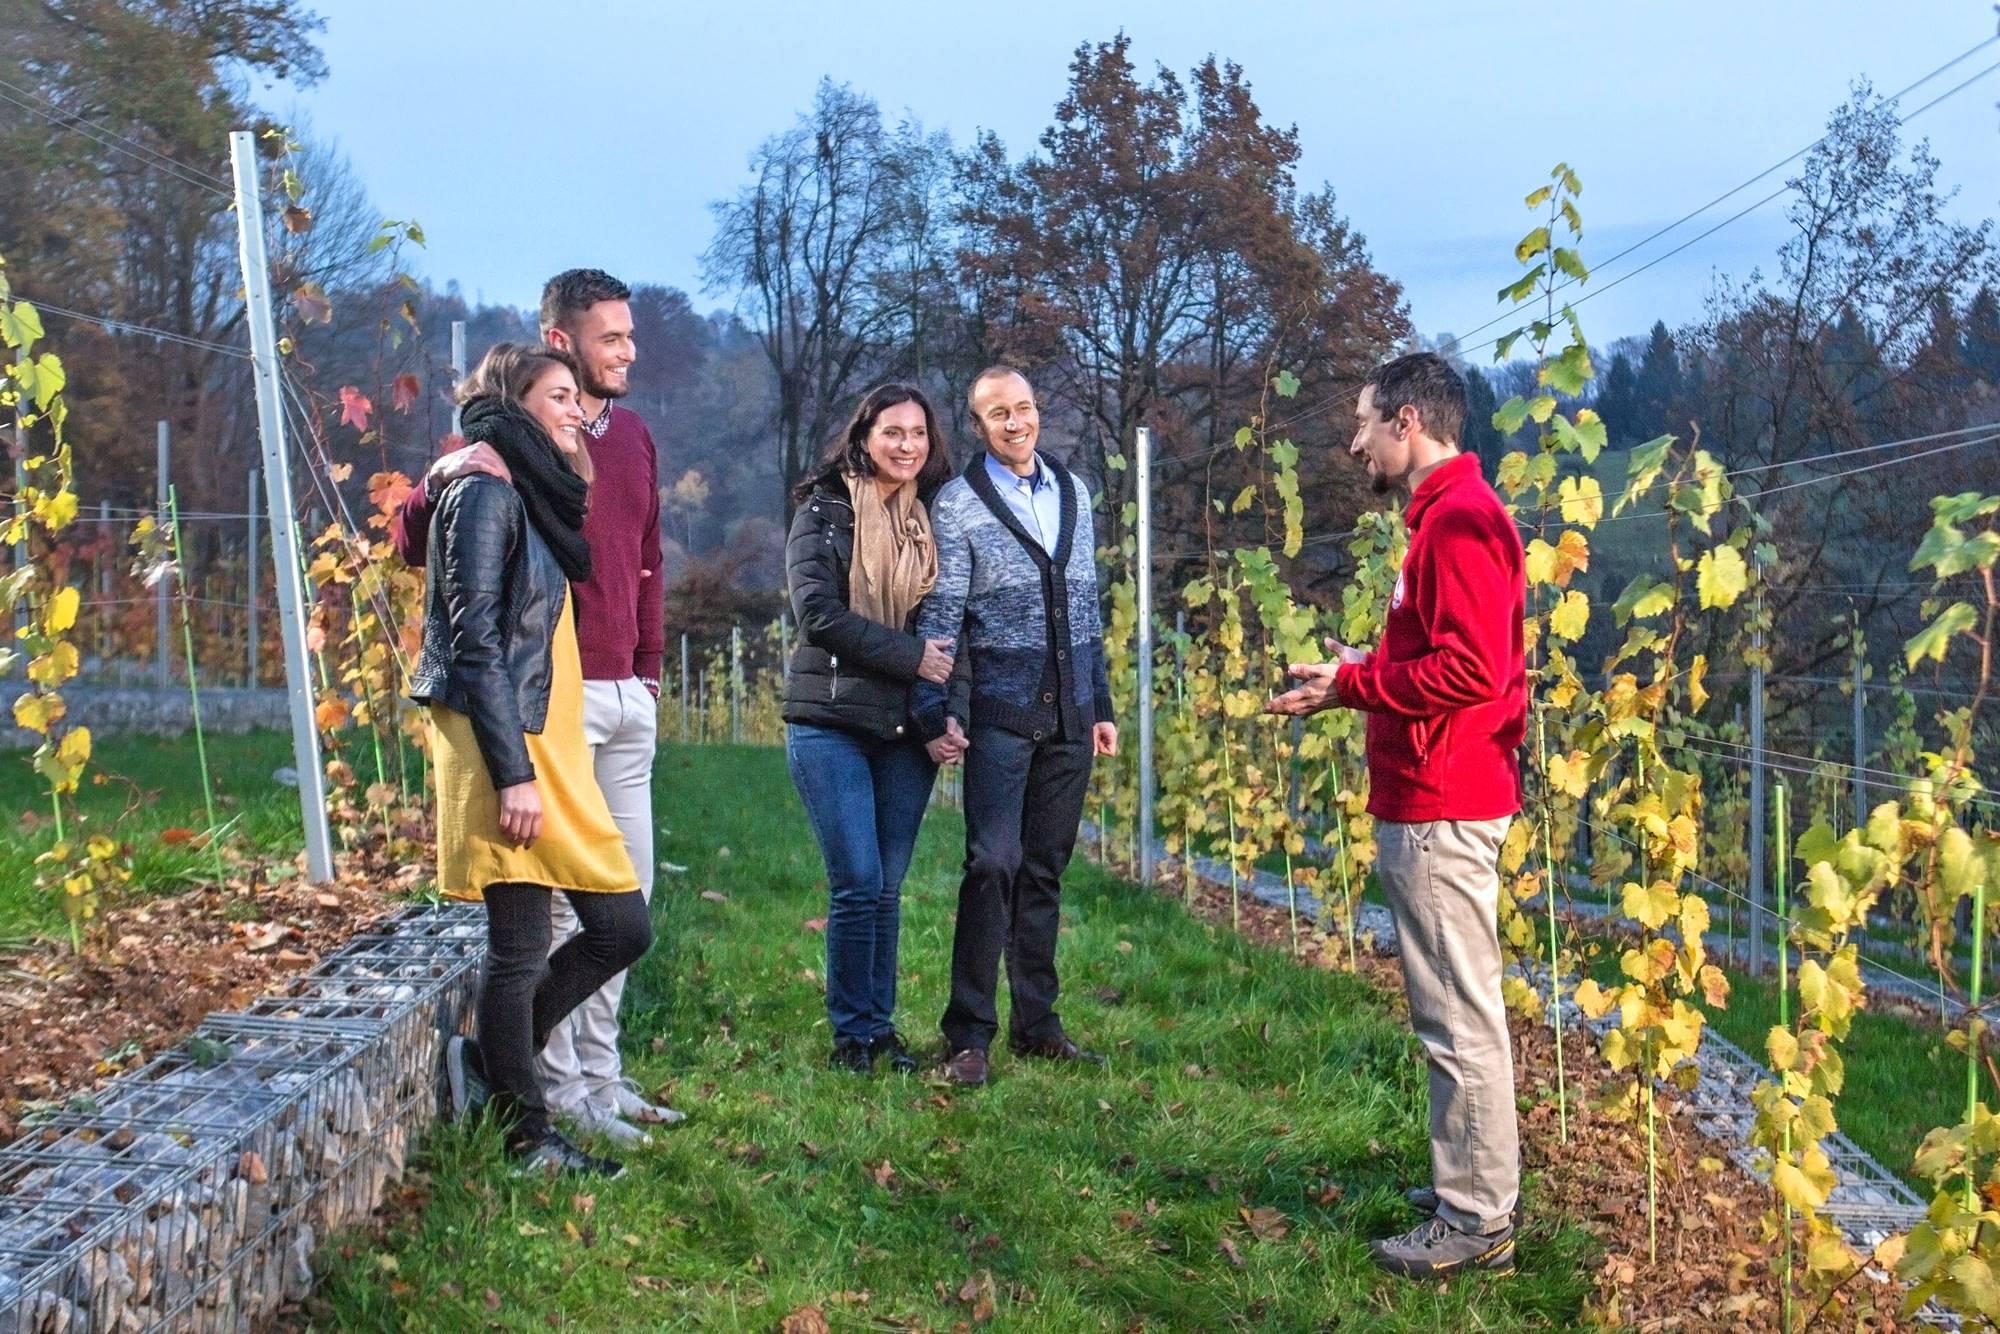 V grajski vinograd z vzpenjačo